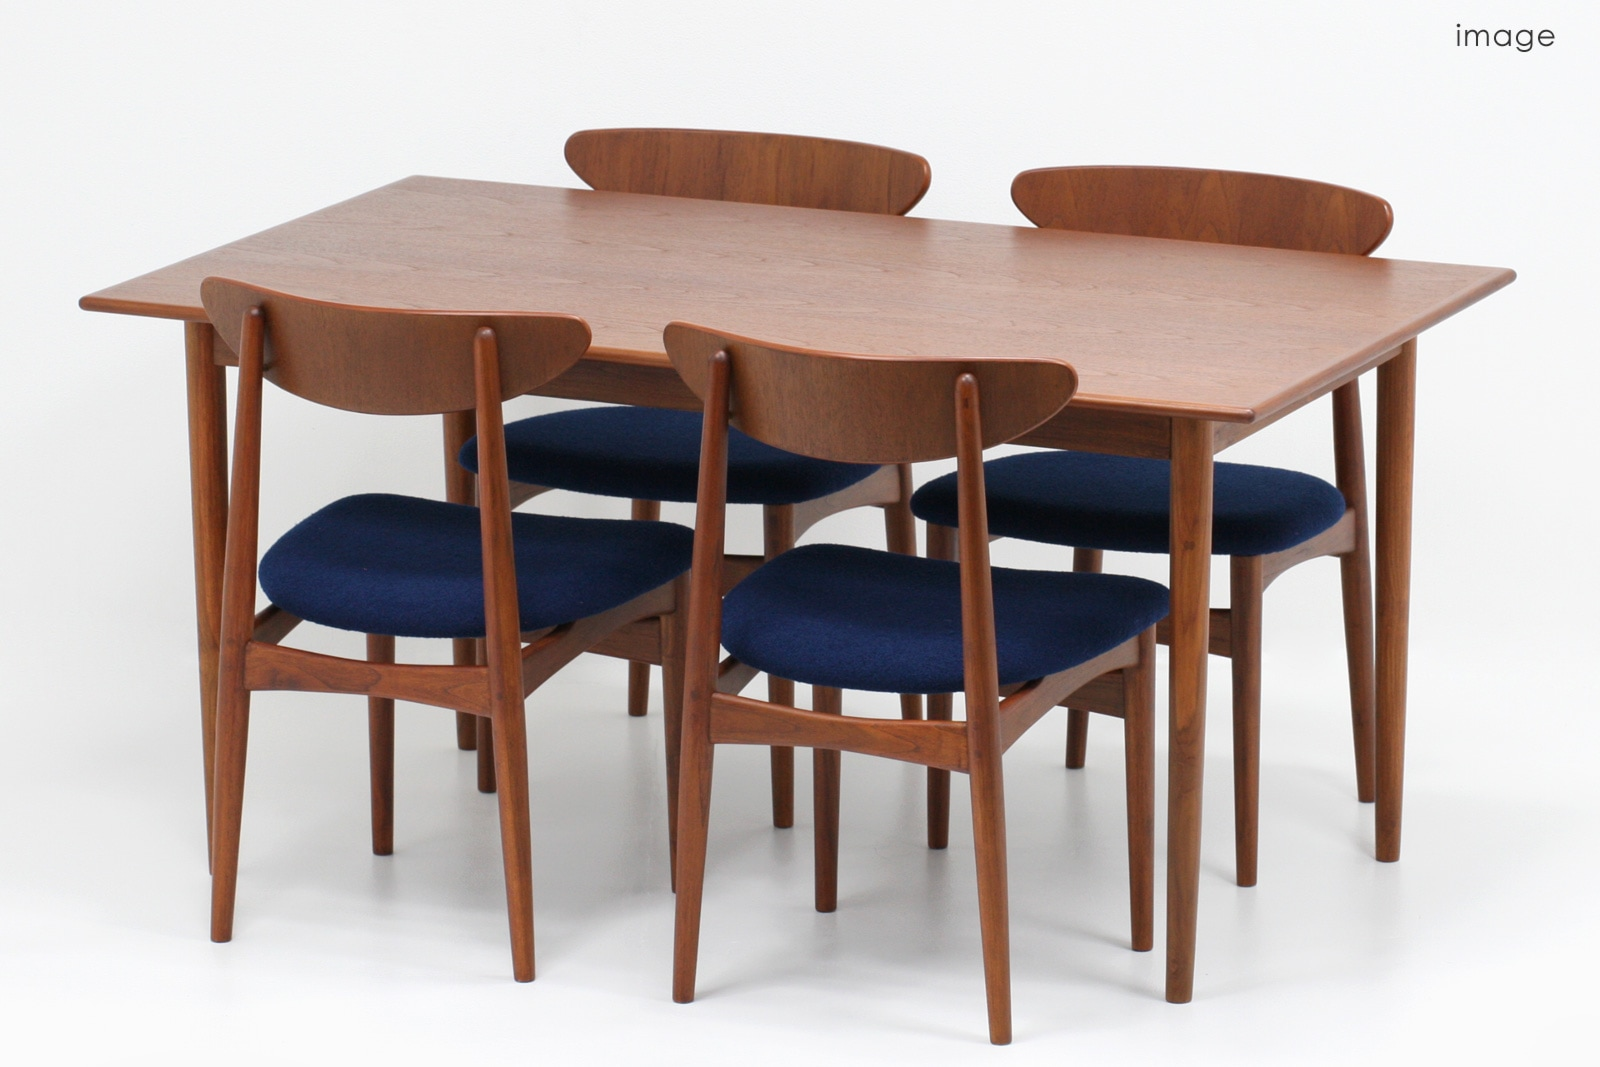 北欧,デザイン,家具,クロッケン,チーク材,ダイニングチェア,椅子